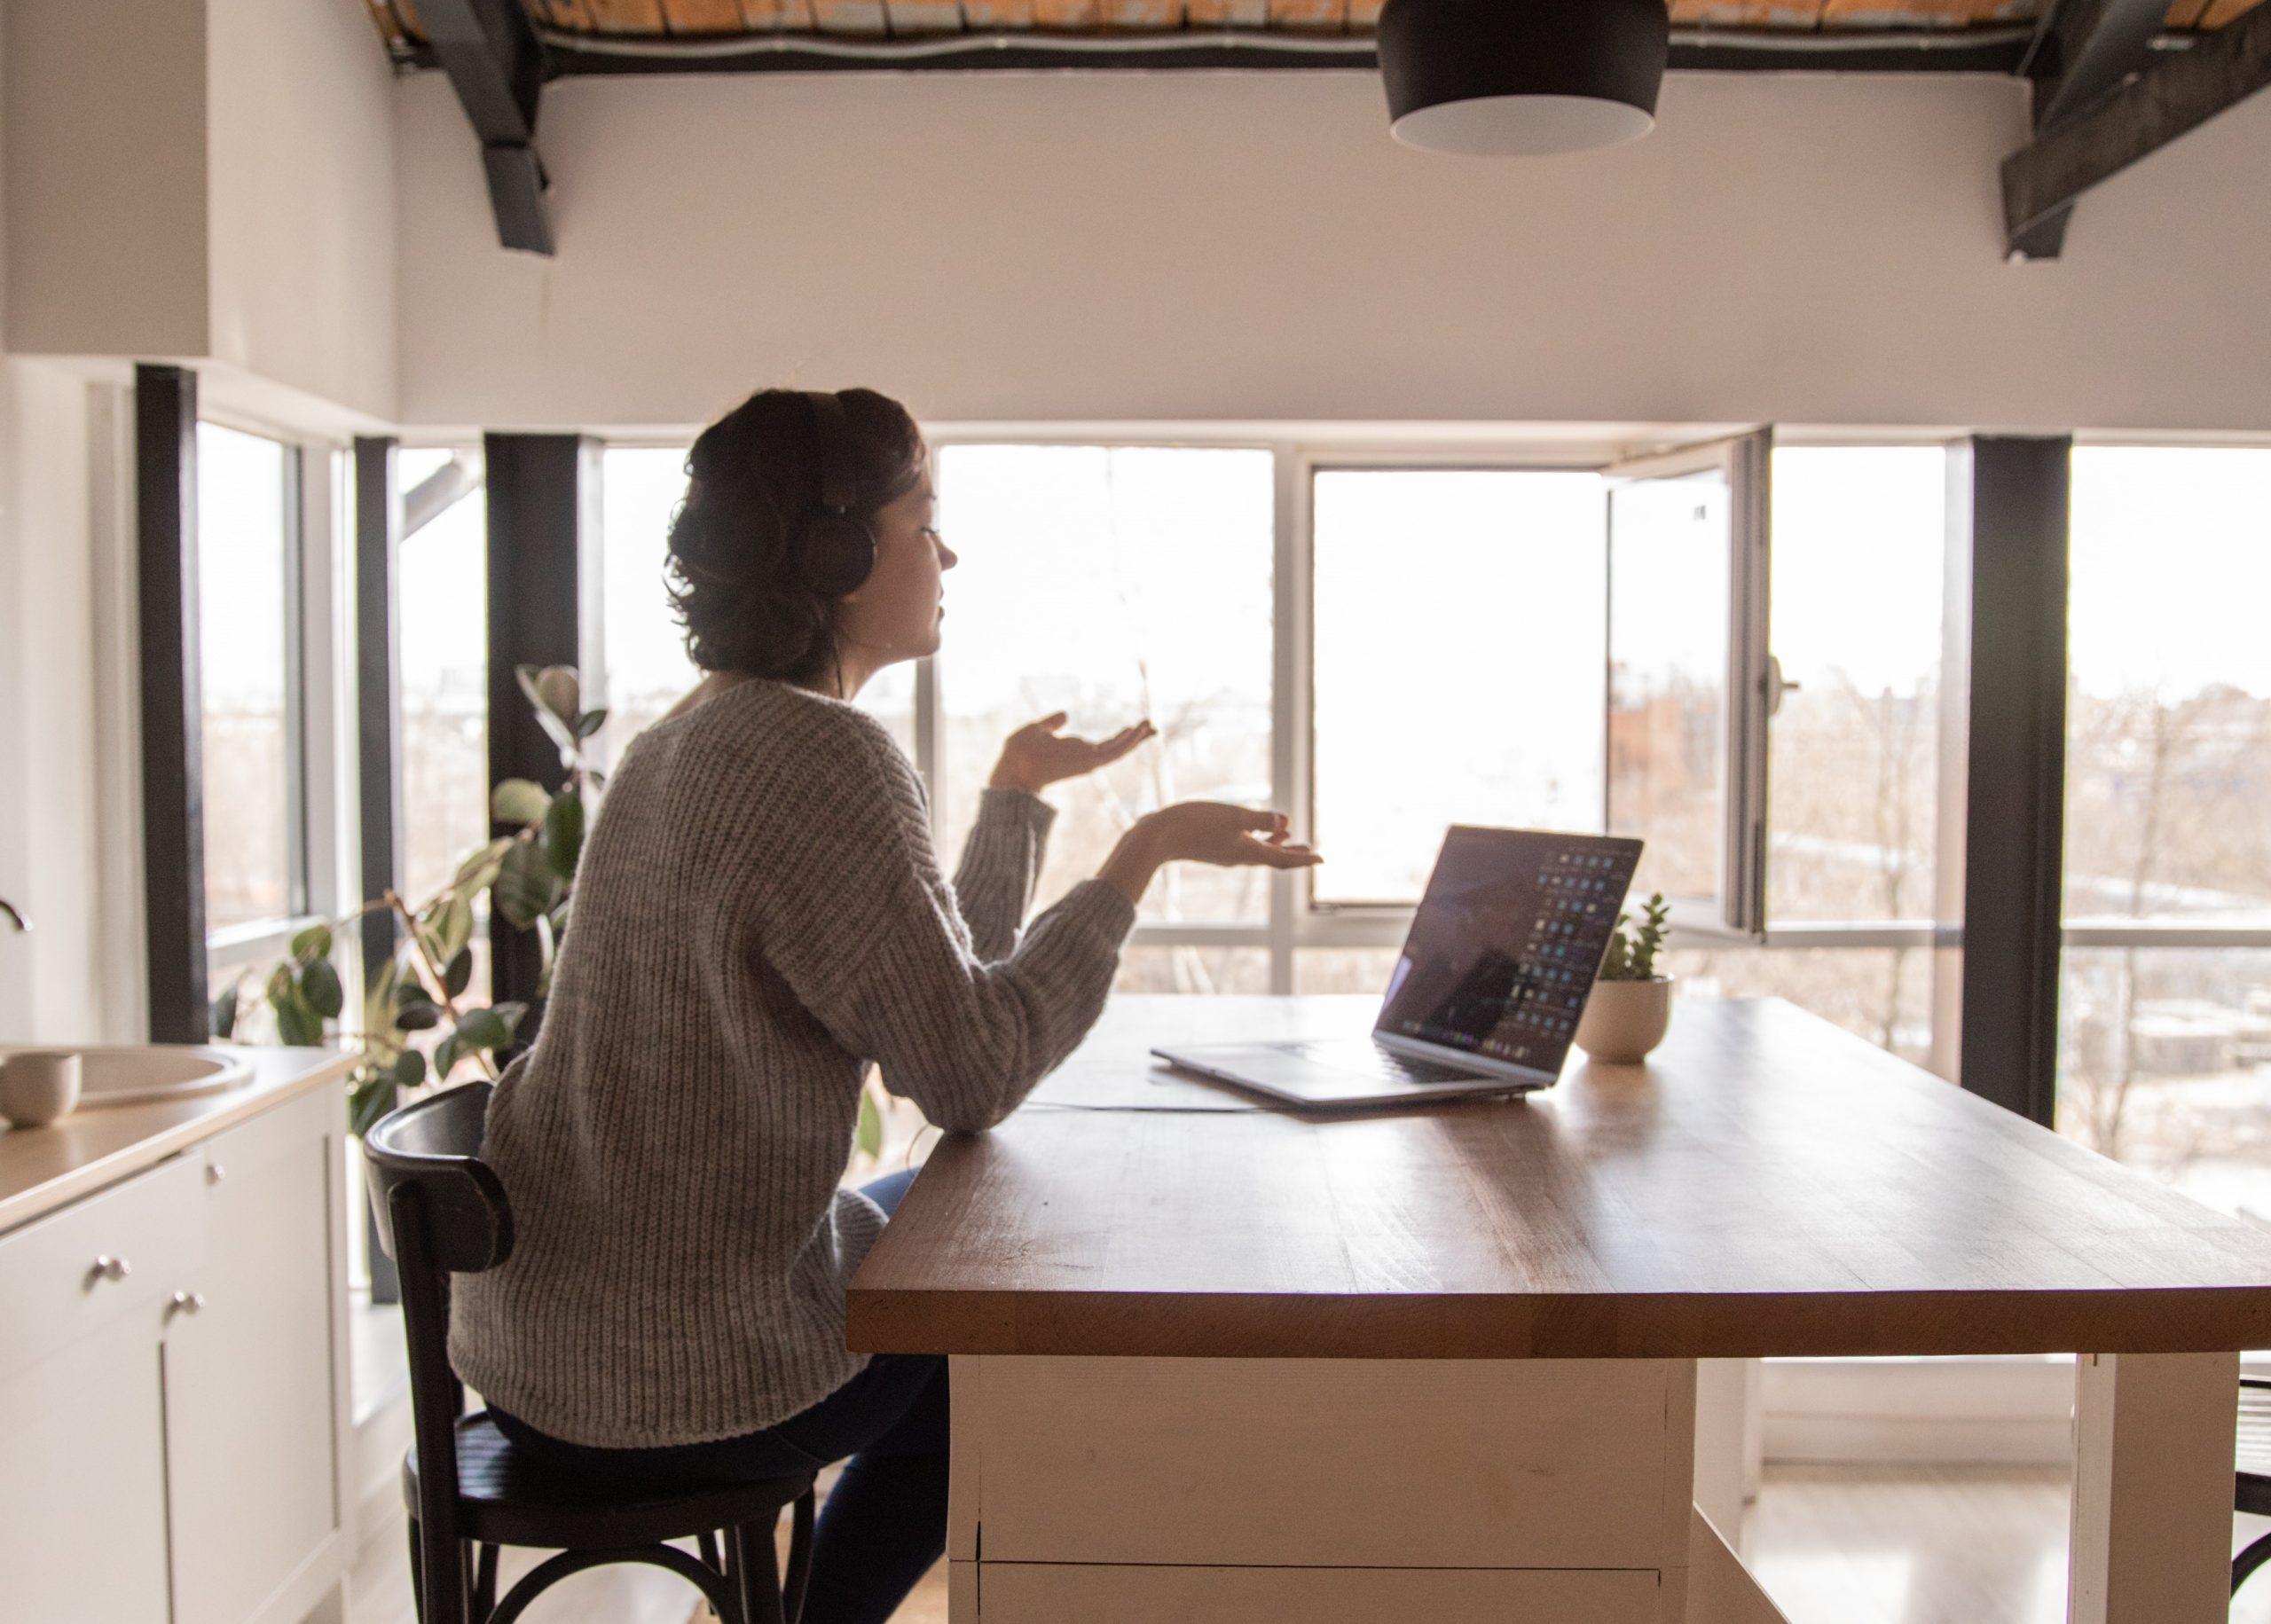 """À esquerda, uma mulher sentada em uma cadeira, gesticulando, falando sobre """"a prevenção do suicídio"""". À direita, um computador aberto sobre uma mesa."""